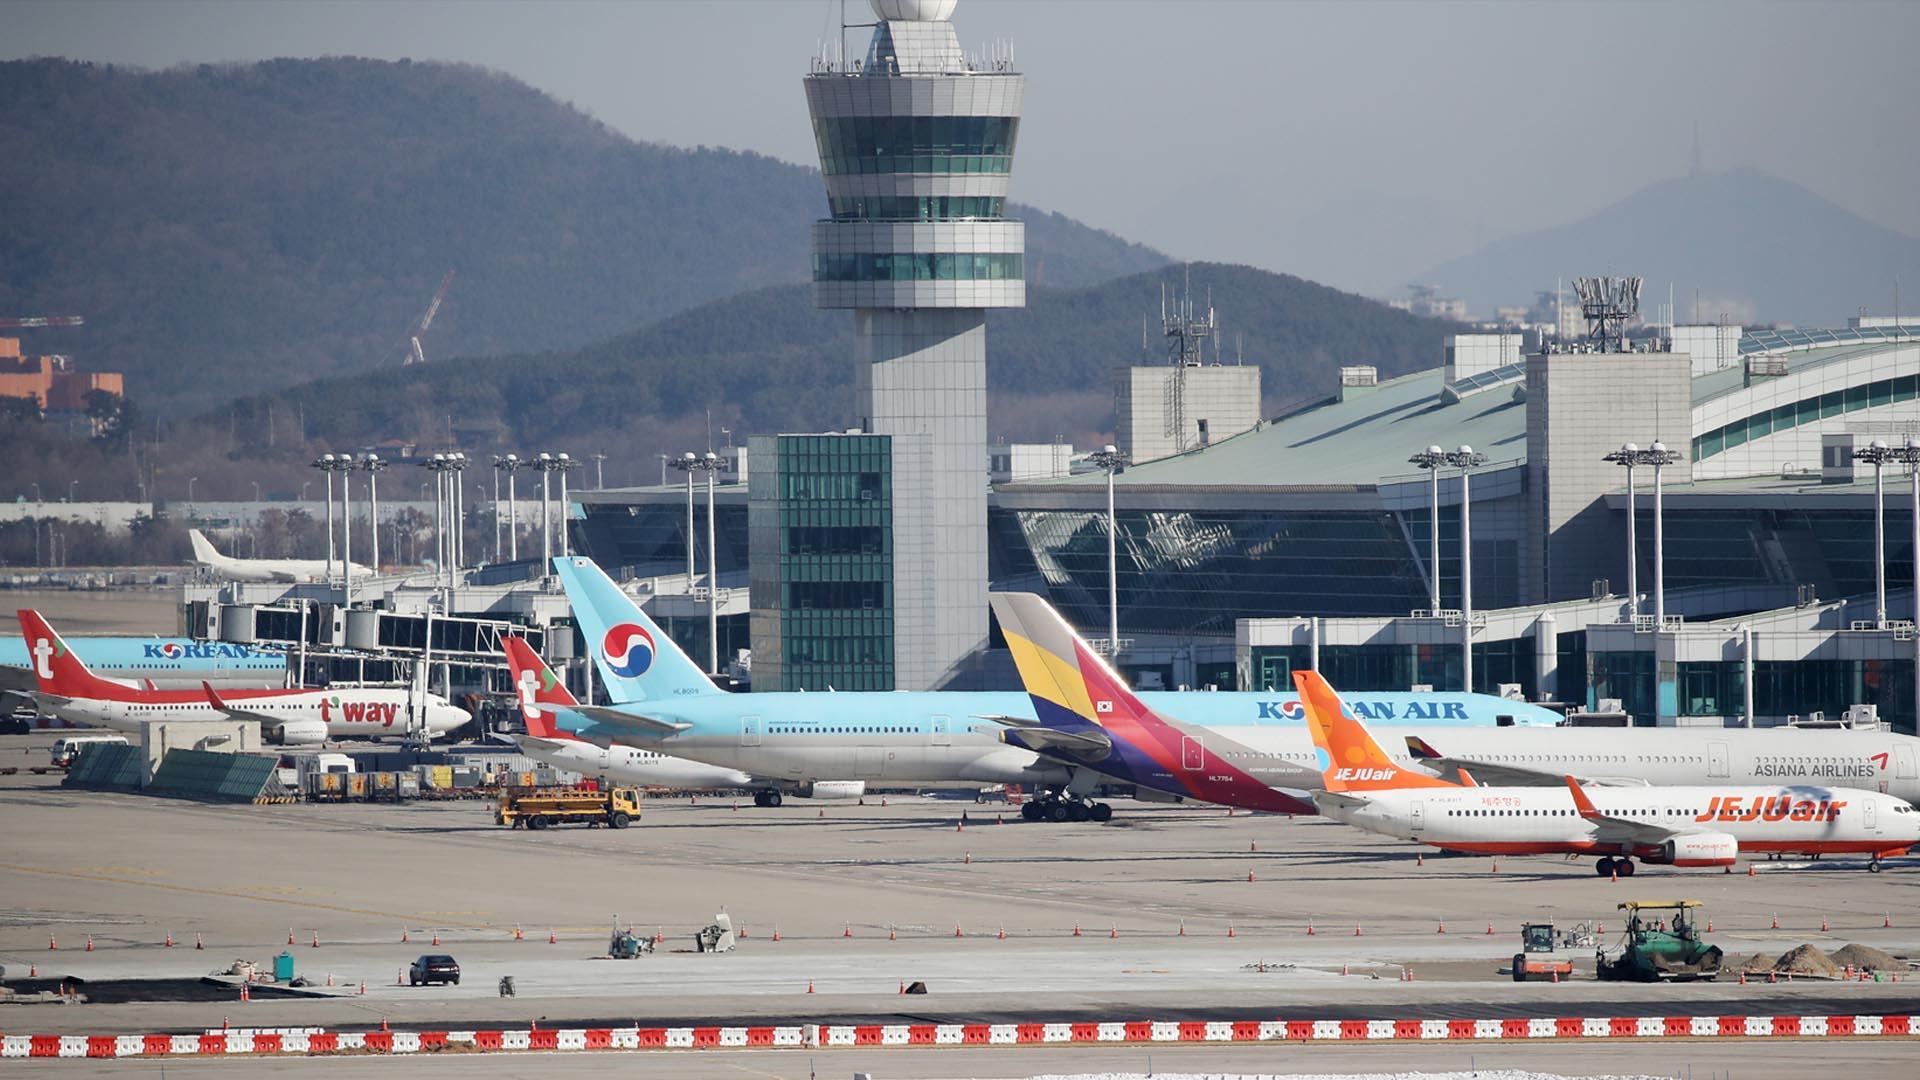 코로나19 확산에 지난해 항공 교통량 50% 감소